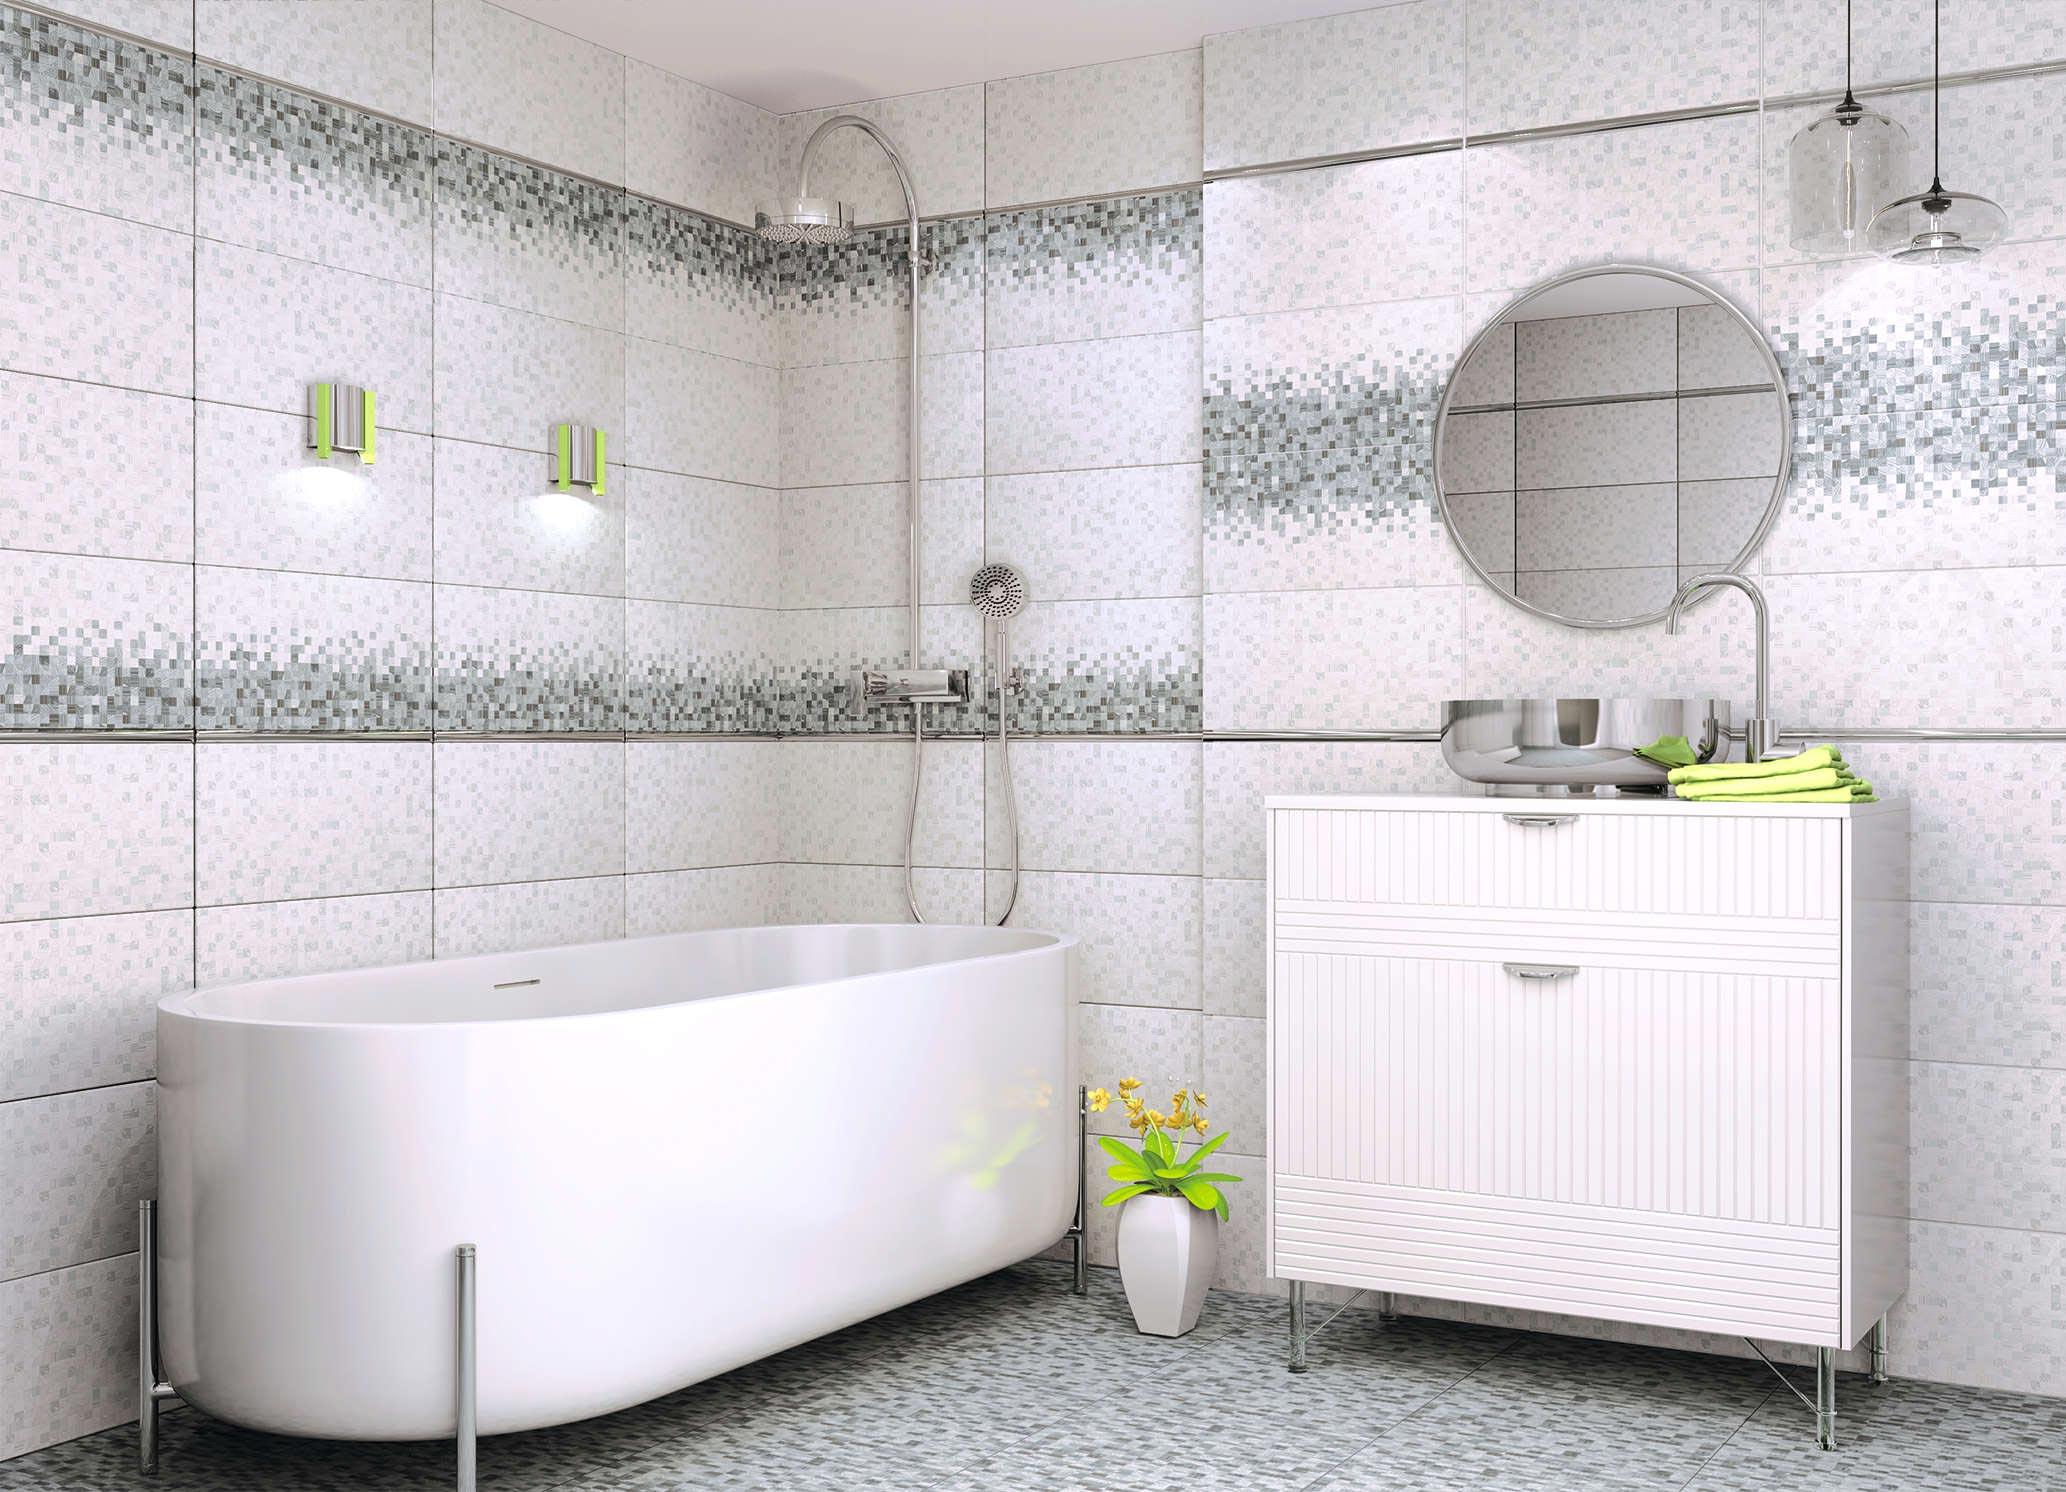 керамическая плитка для современной ванной